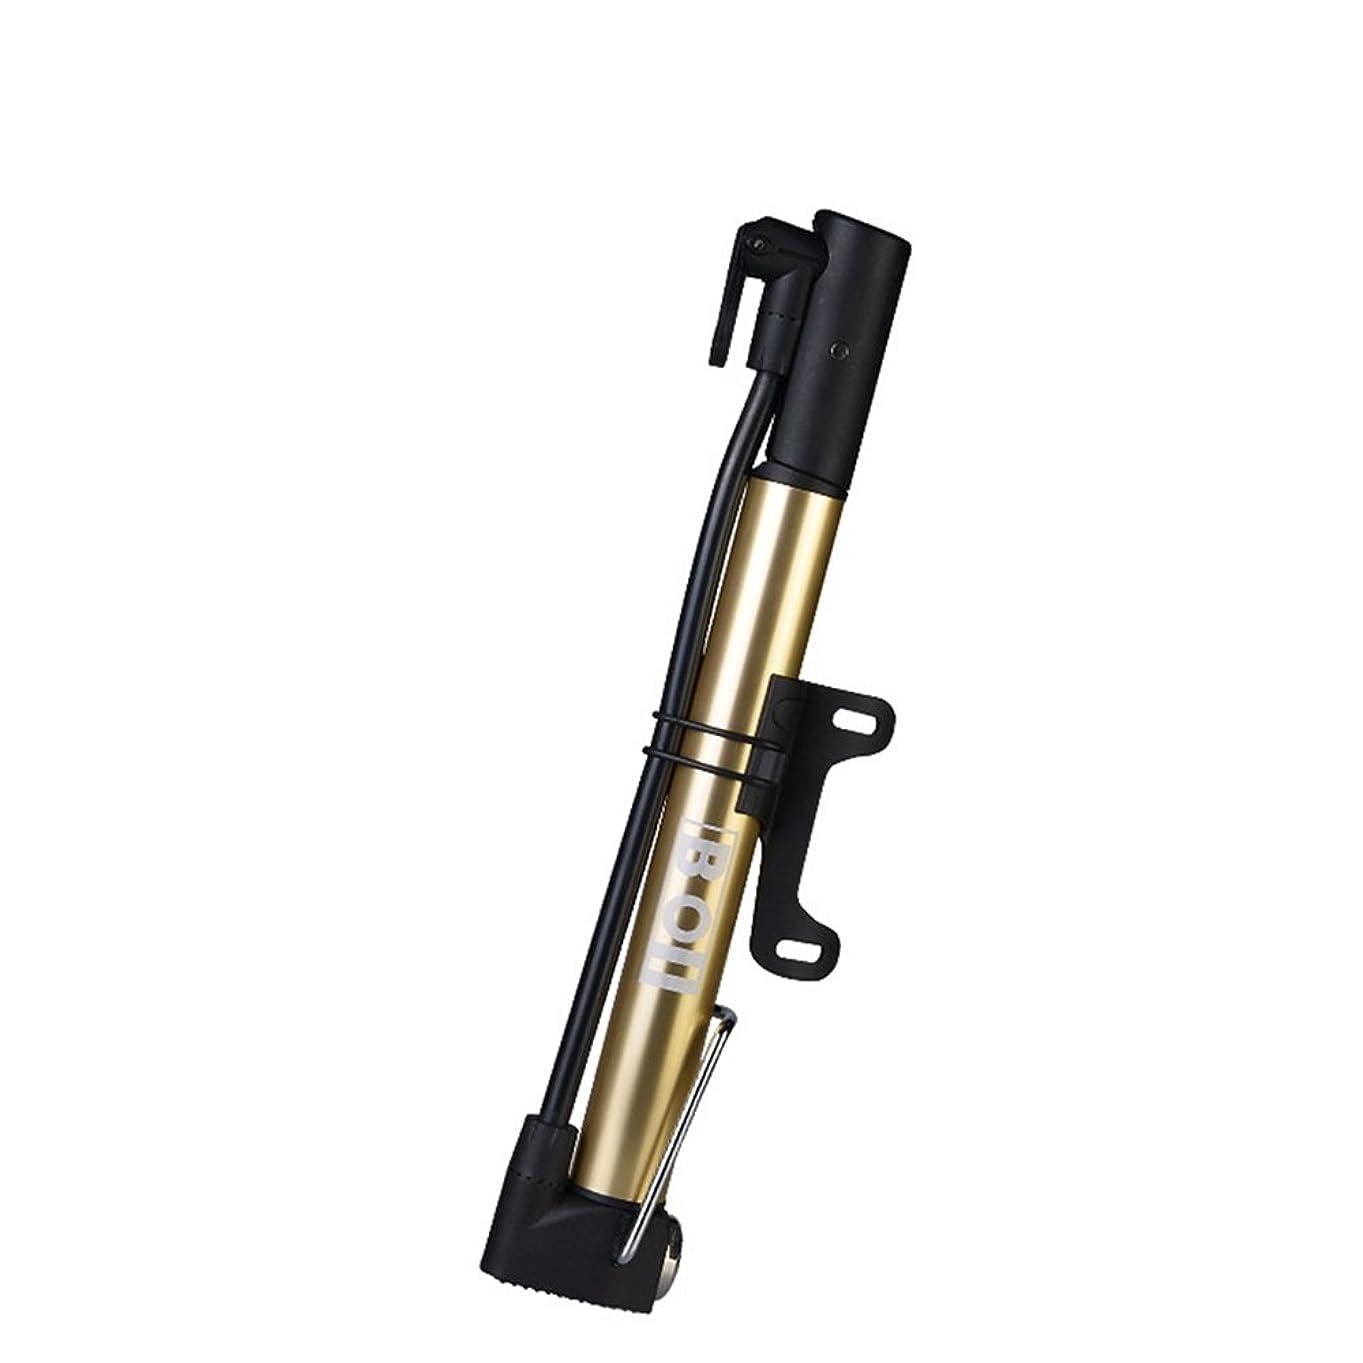 フィヨルドナイロン鹿BOI(ボイ) ミニフロアポンプ 空気入れ 米式/仏式バルブ対応 [フットステップ装備]